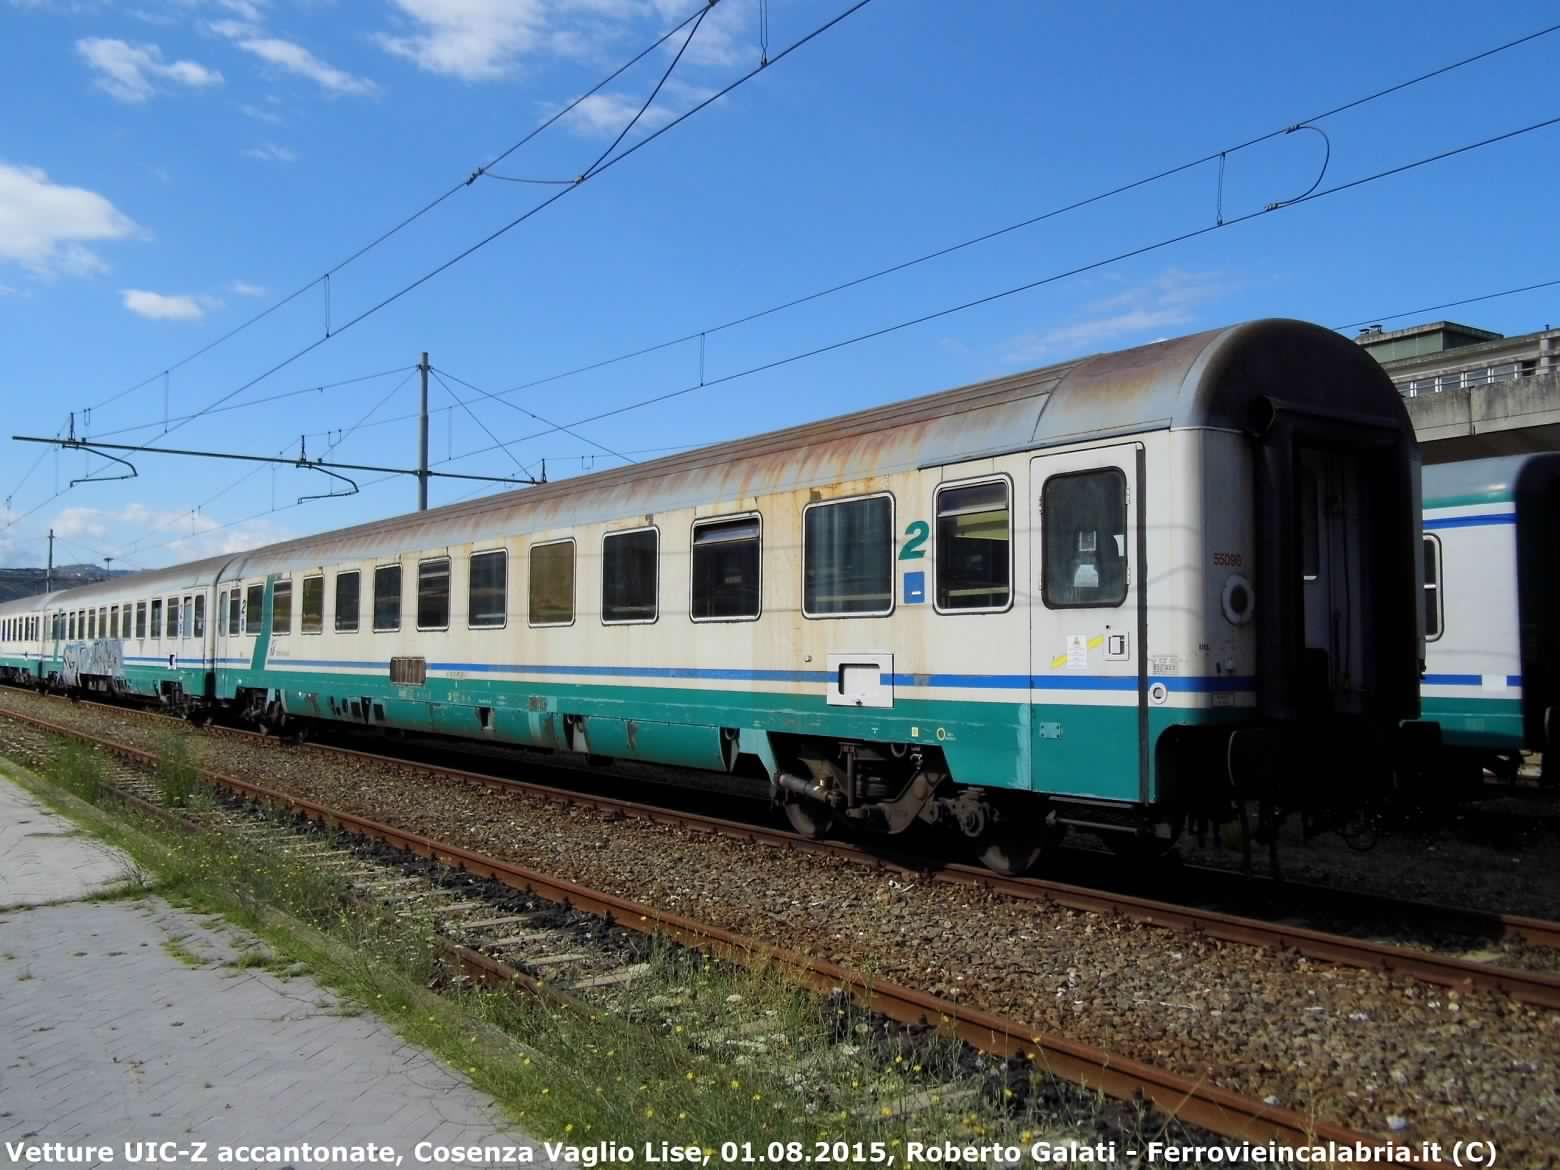 61 83 21-90 024-2 B-CosenzaVaglioLise-2014-08-01-RobertoGalati